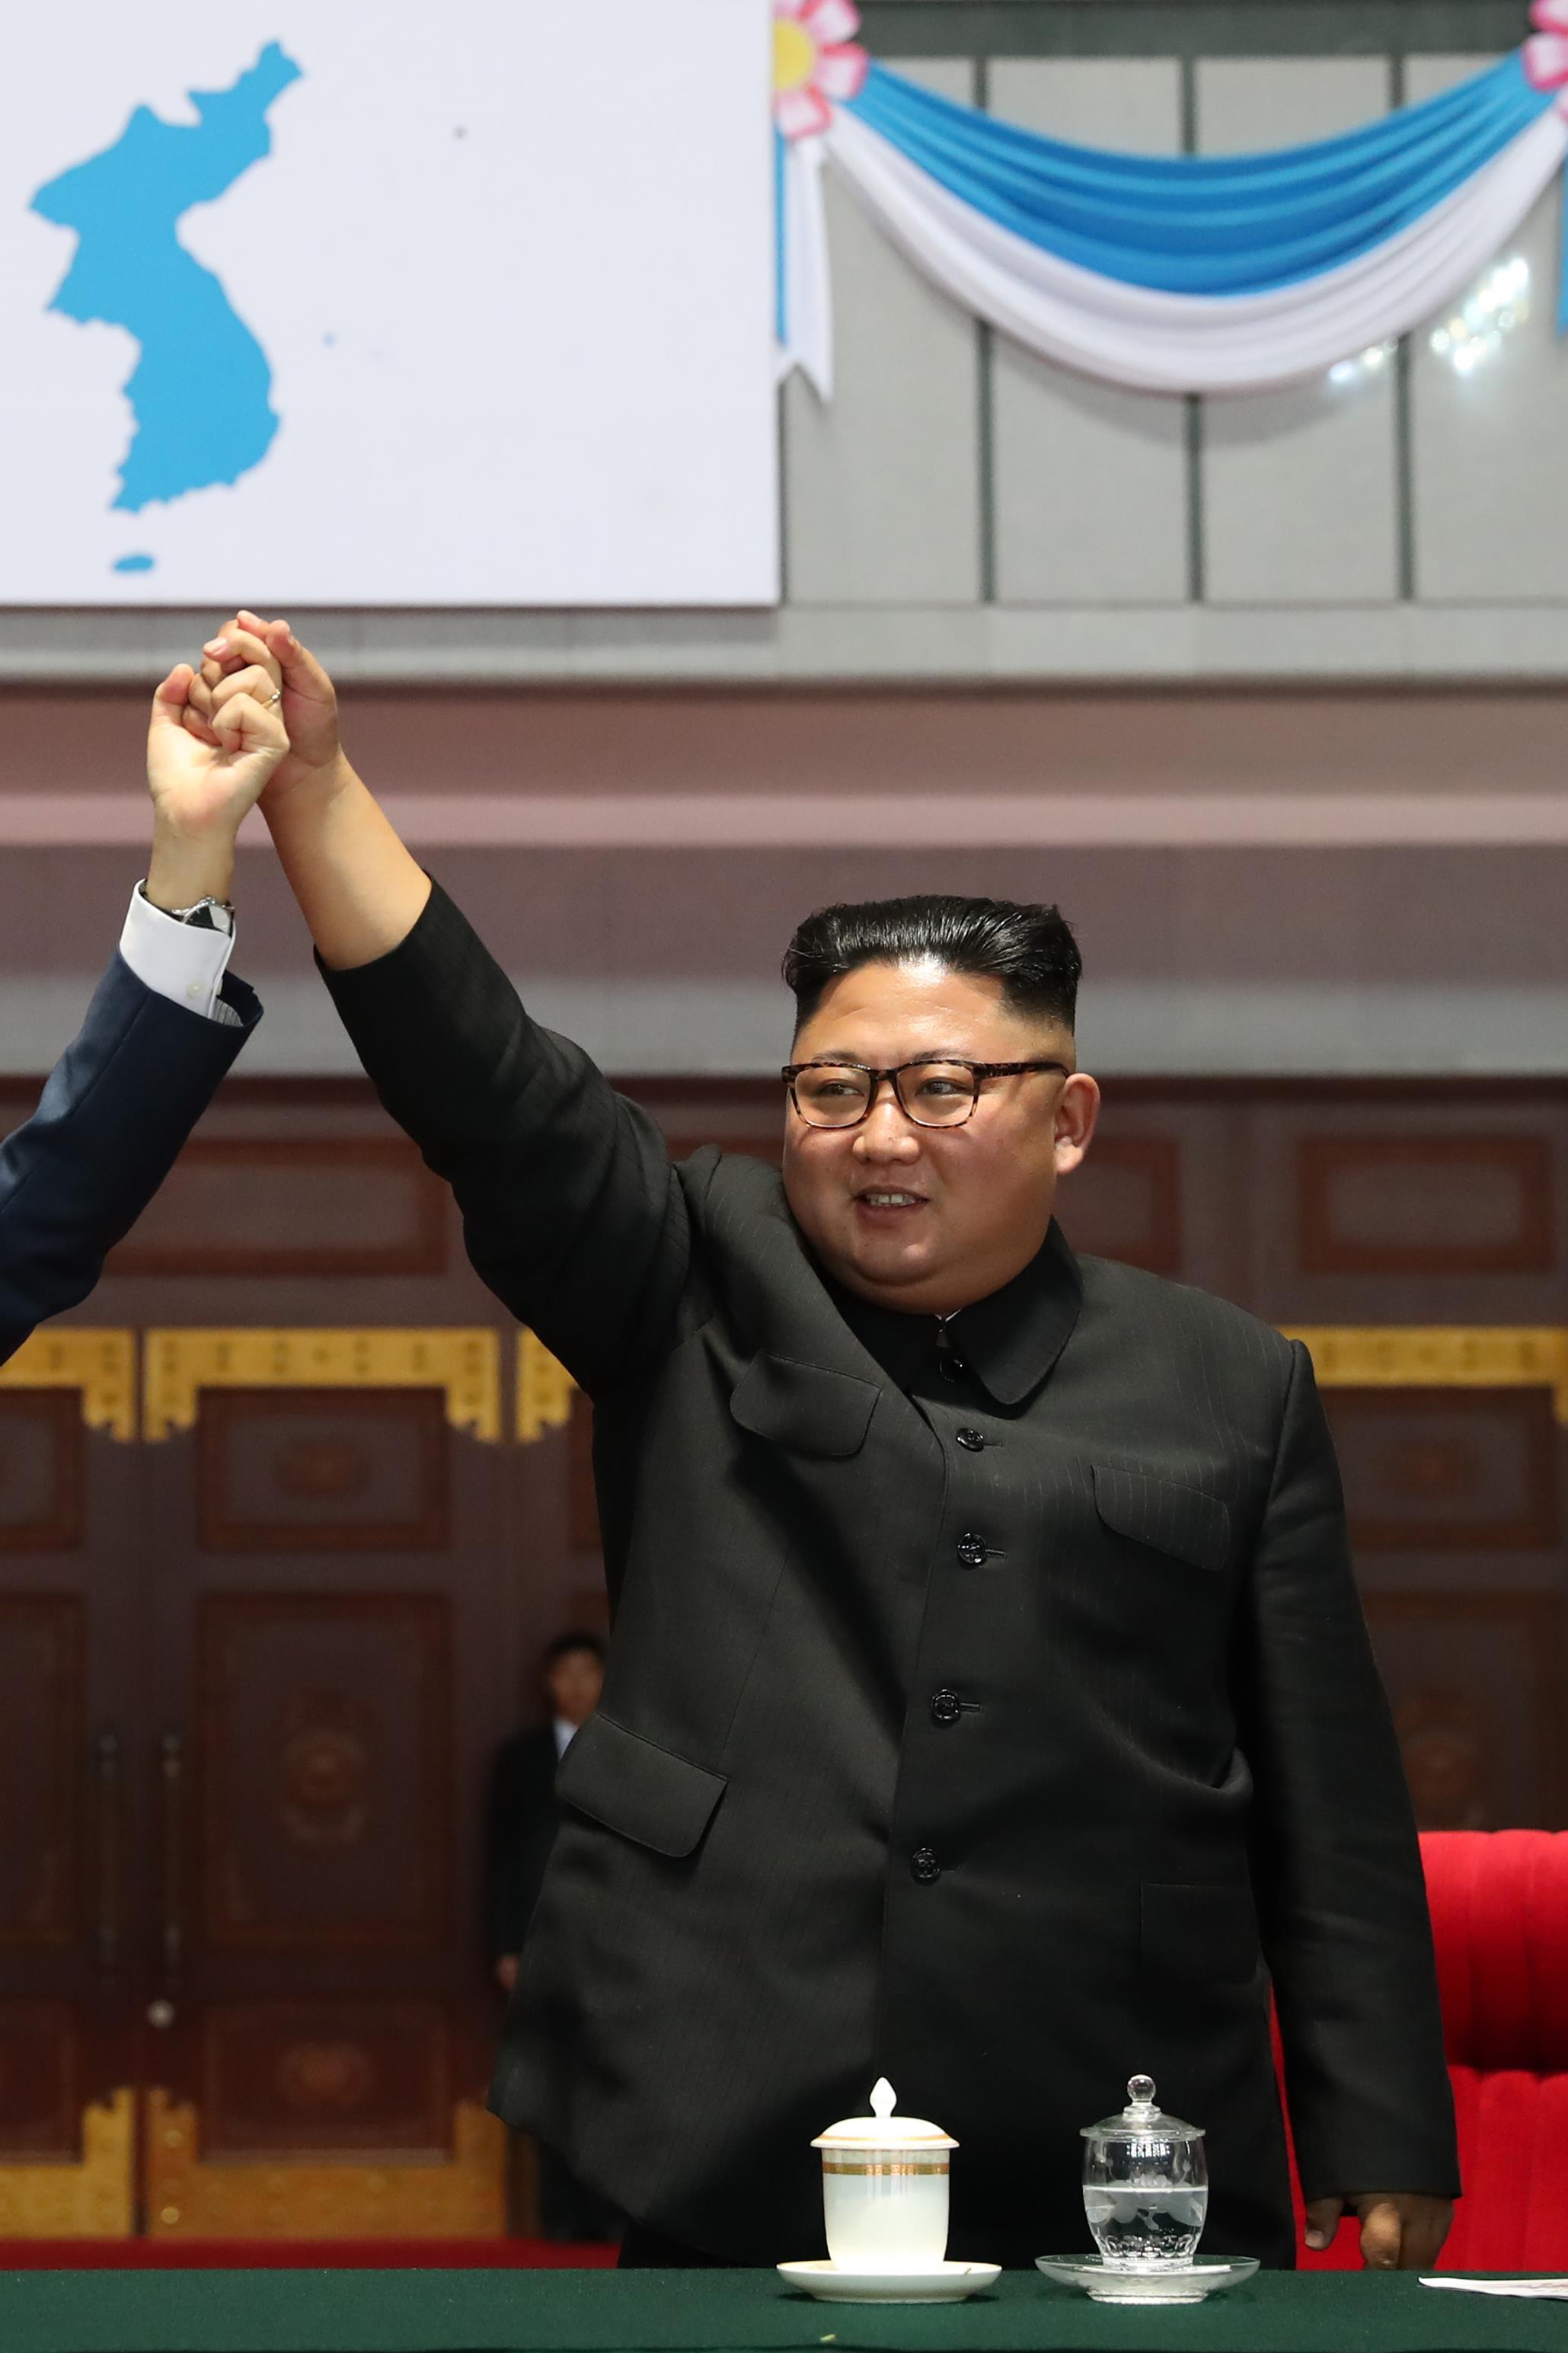 Kim Jong-un et Moon Jae-in regardent une prestation gymnastique et artistique dans un stade de Pyongyang en Corée du Nord, le 19 septembre 2018.